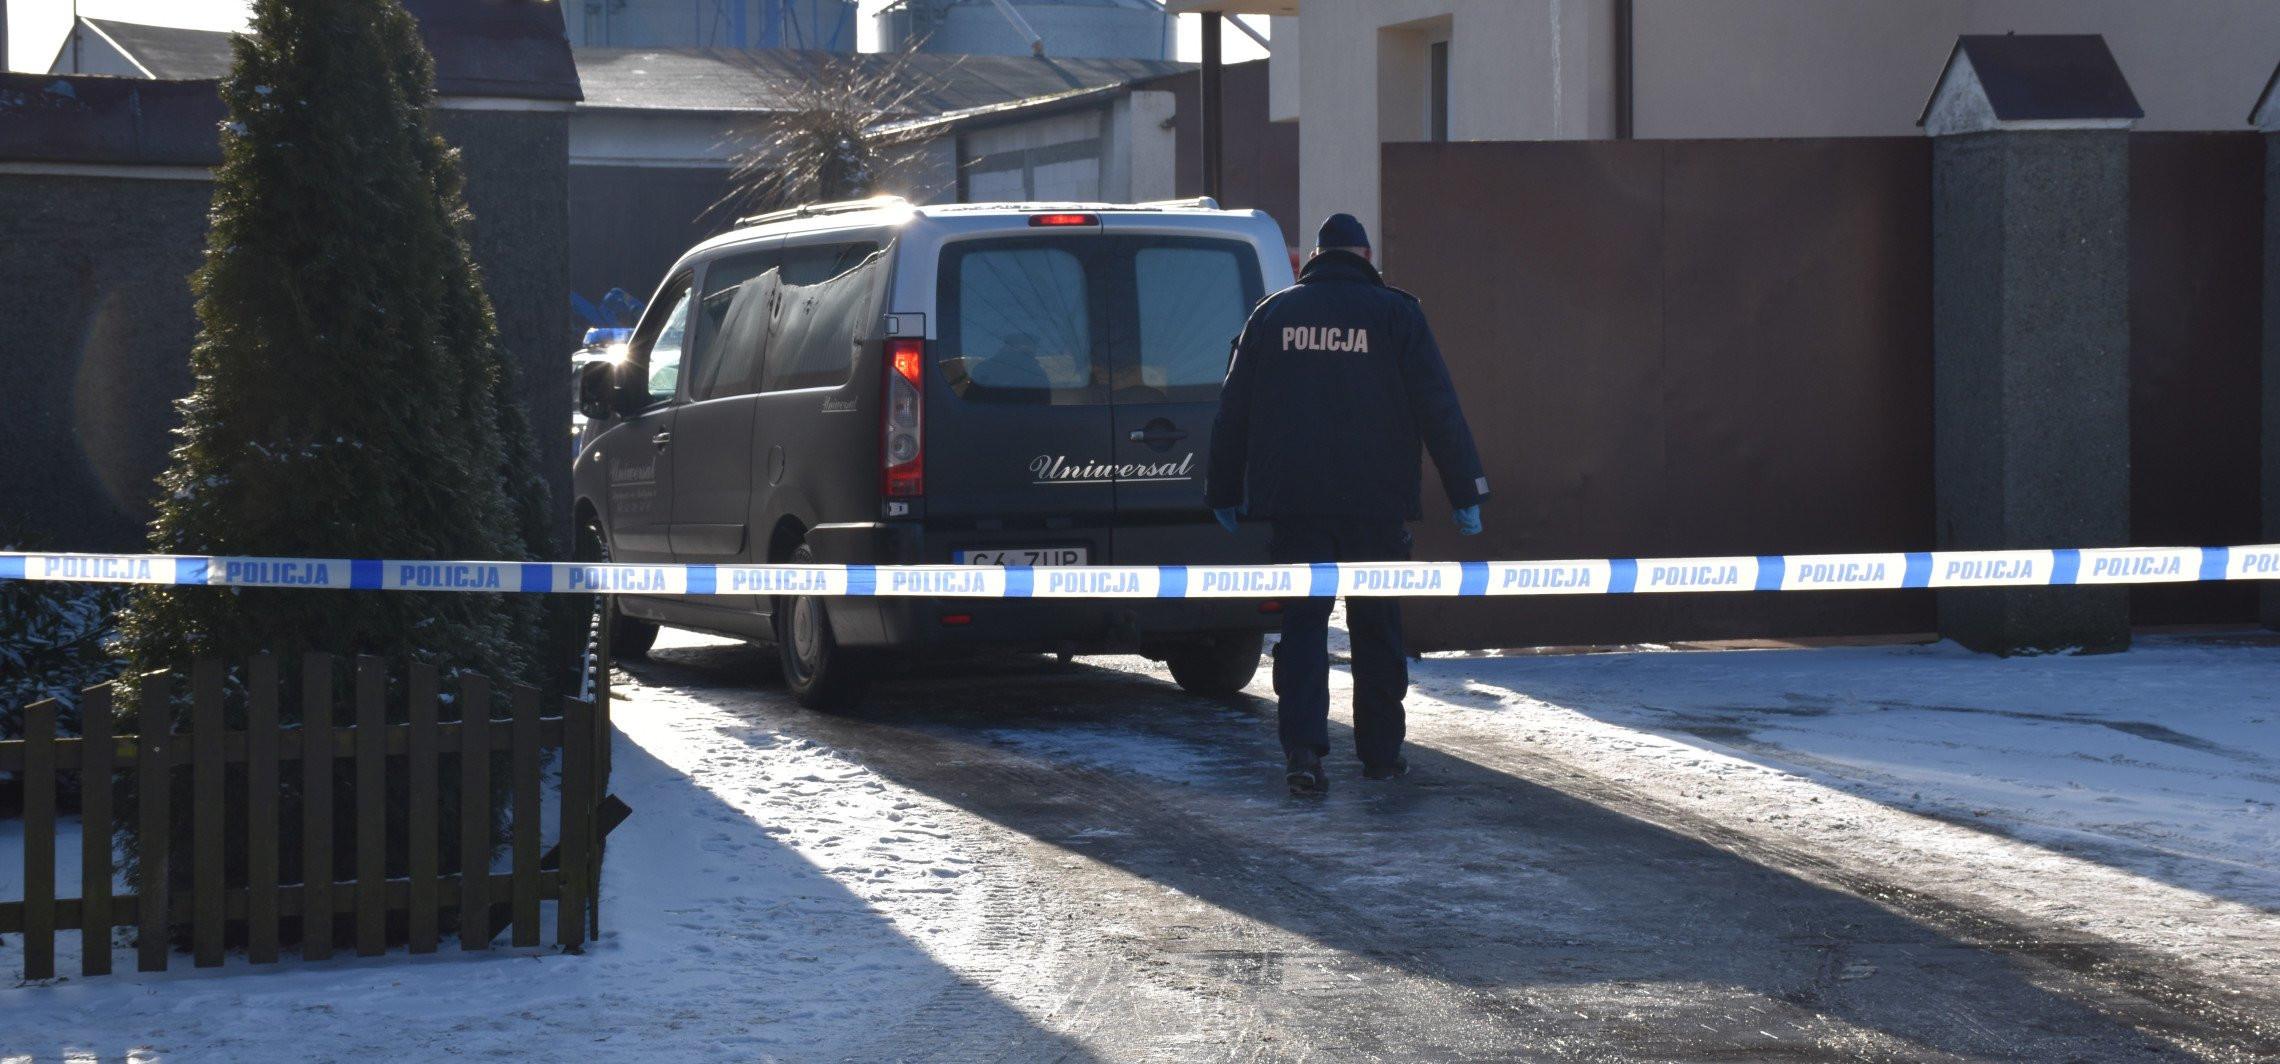 Gmina Inowrocław - Zabójstwo w Turzanach. Dziś przesłuchanie matki